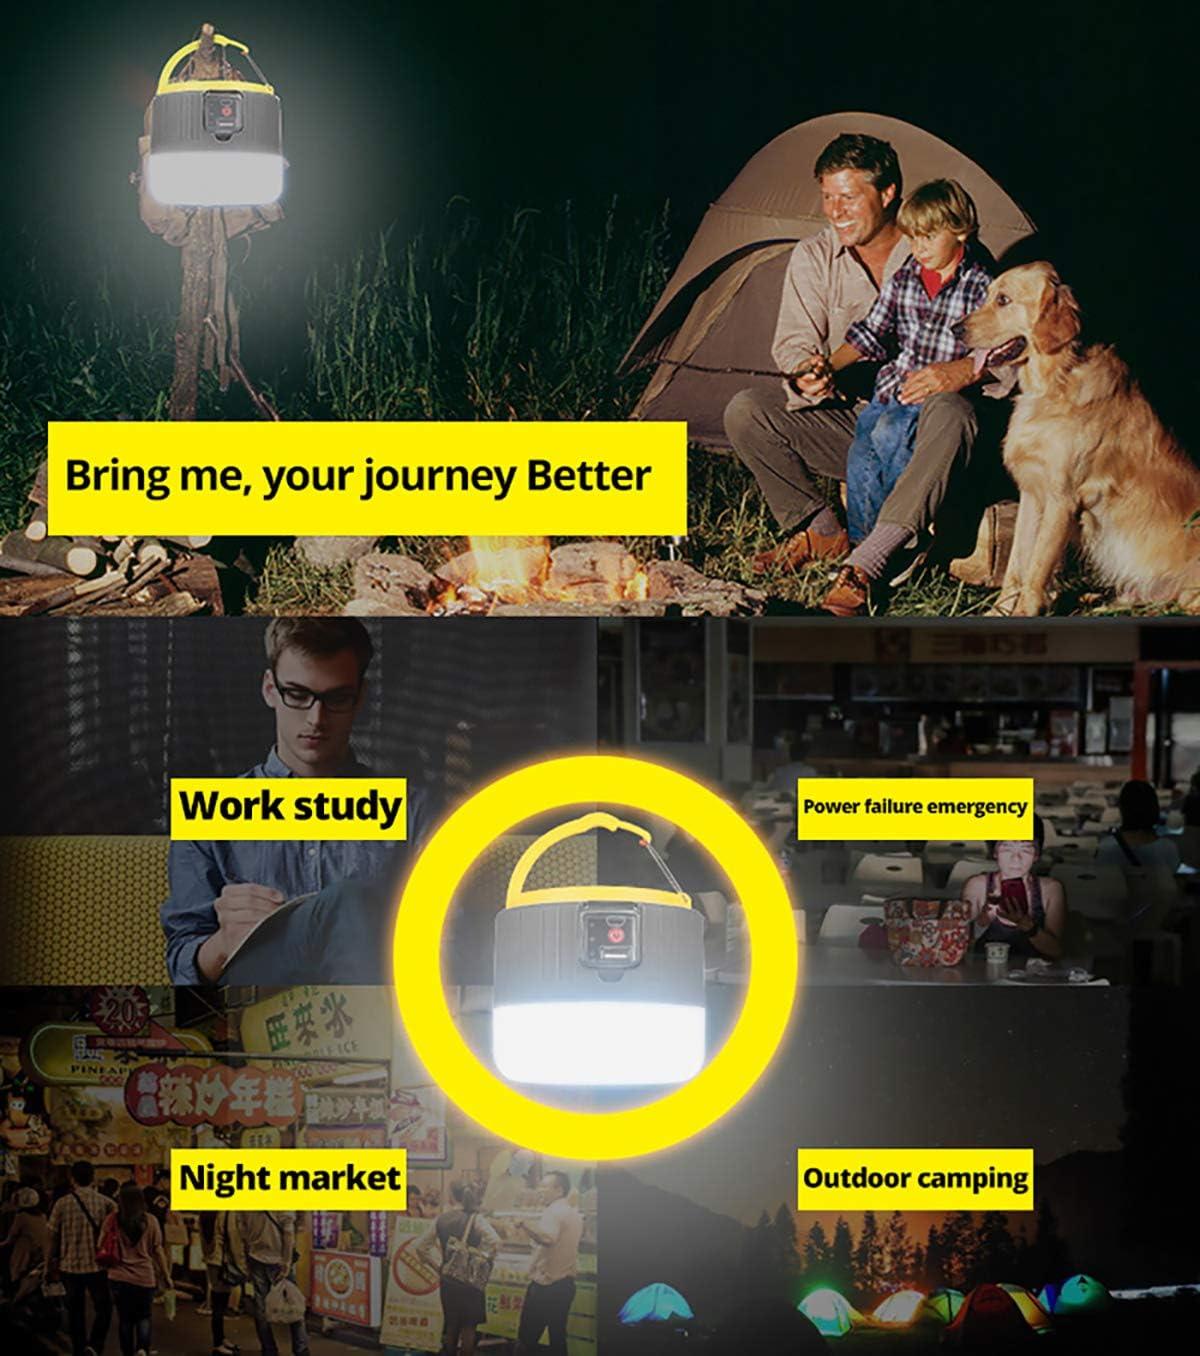 Telecomando,1000 Lm,Banca di Potere 4400mah,Luci di Emergenza per Esterni,Pesca Luce Solare da Campeggio A LED Luci Escursionistiche Lanterna USB Ricaricabile,5 modalit/à di Illuminazione